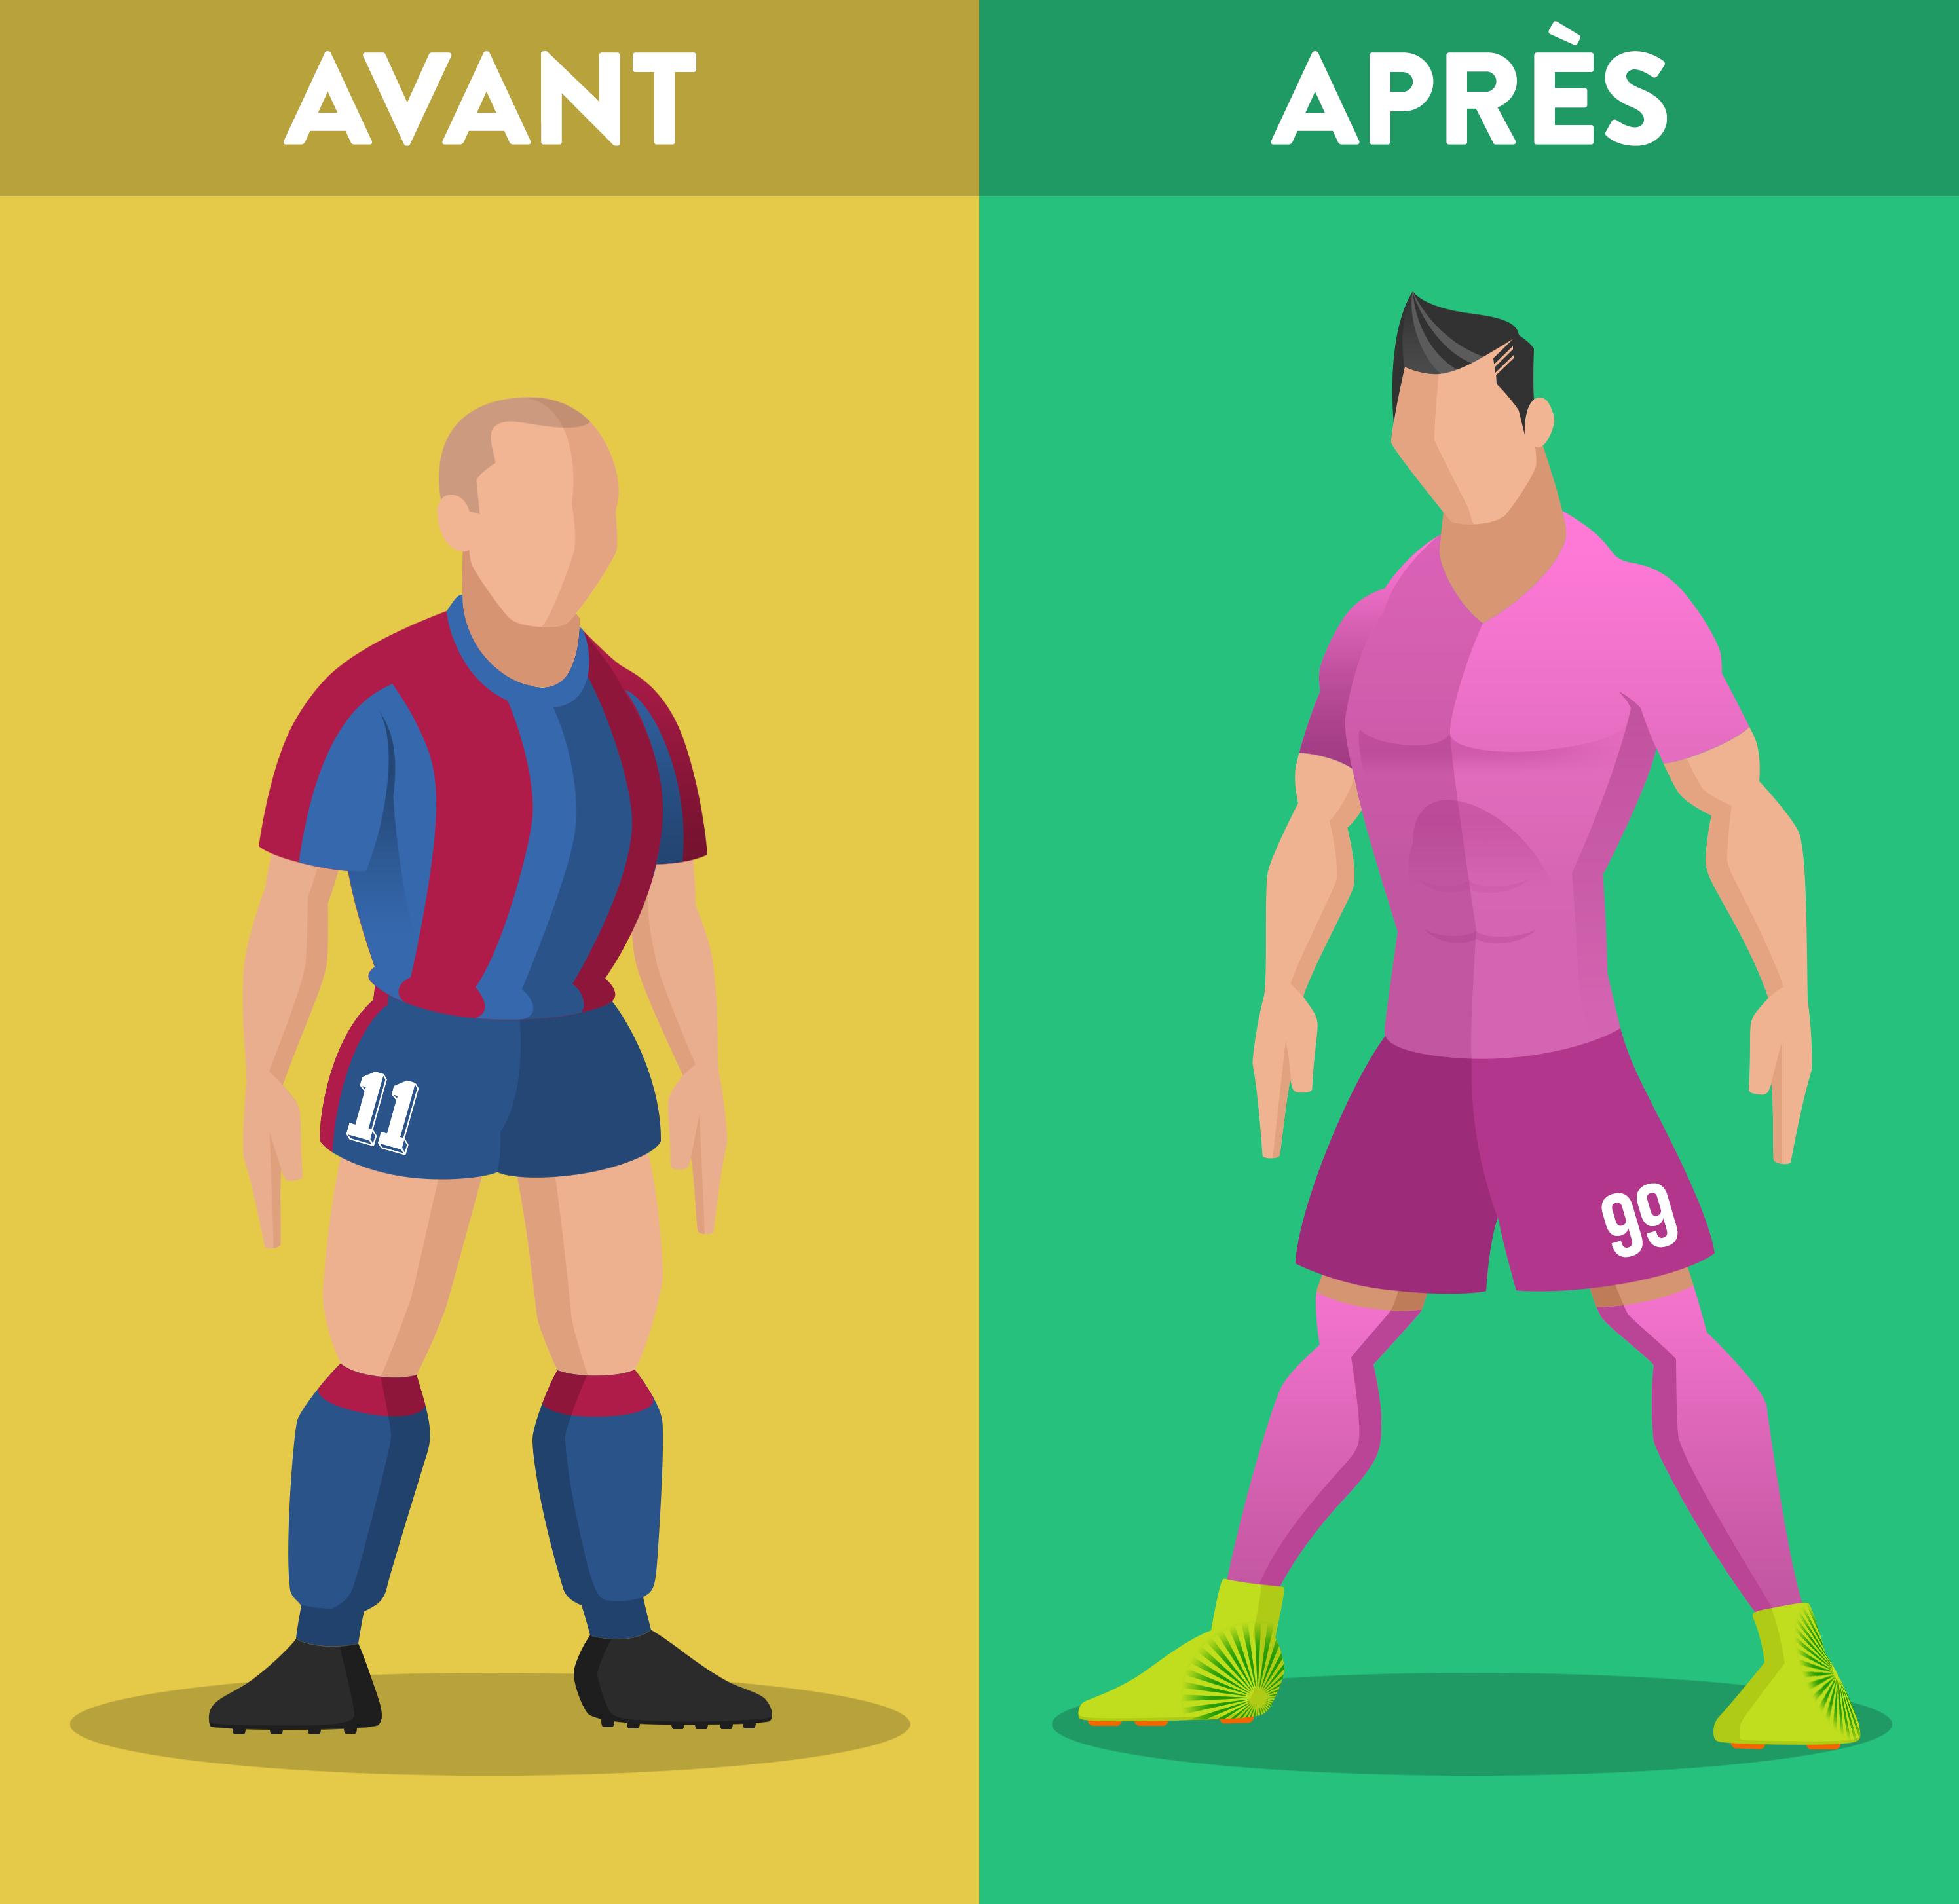 Le football d'hier vs le foot d'aujourd'hui, l'évolution